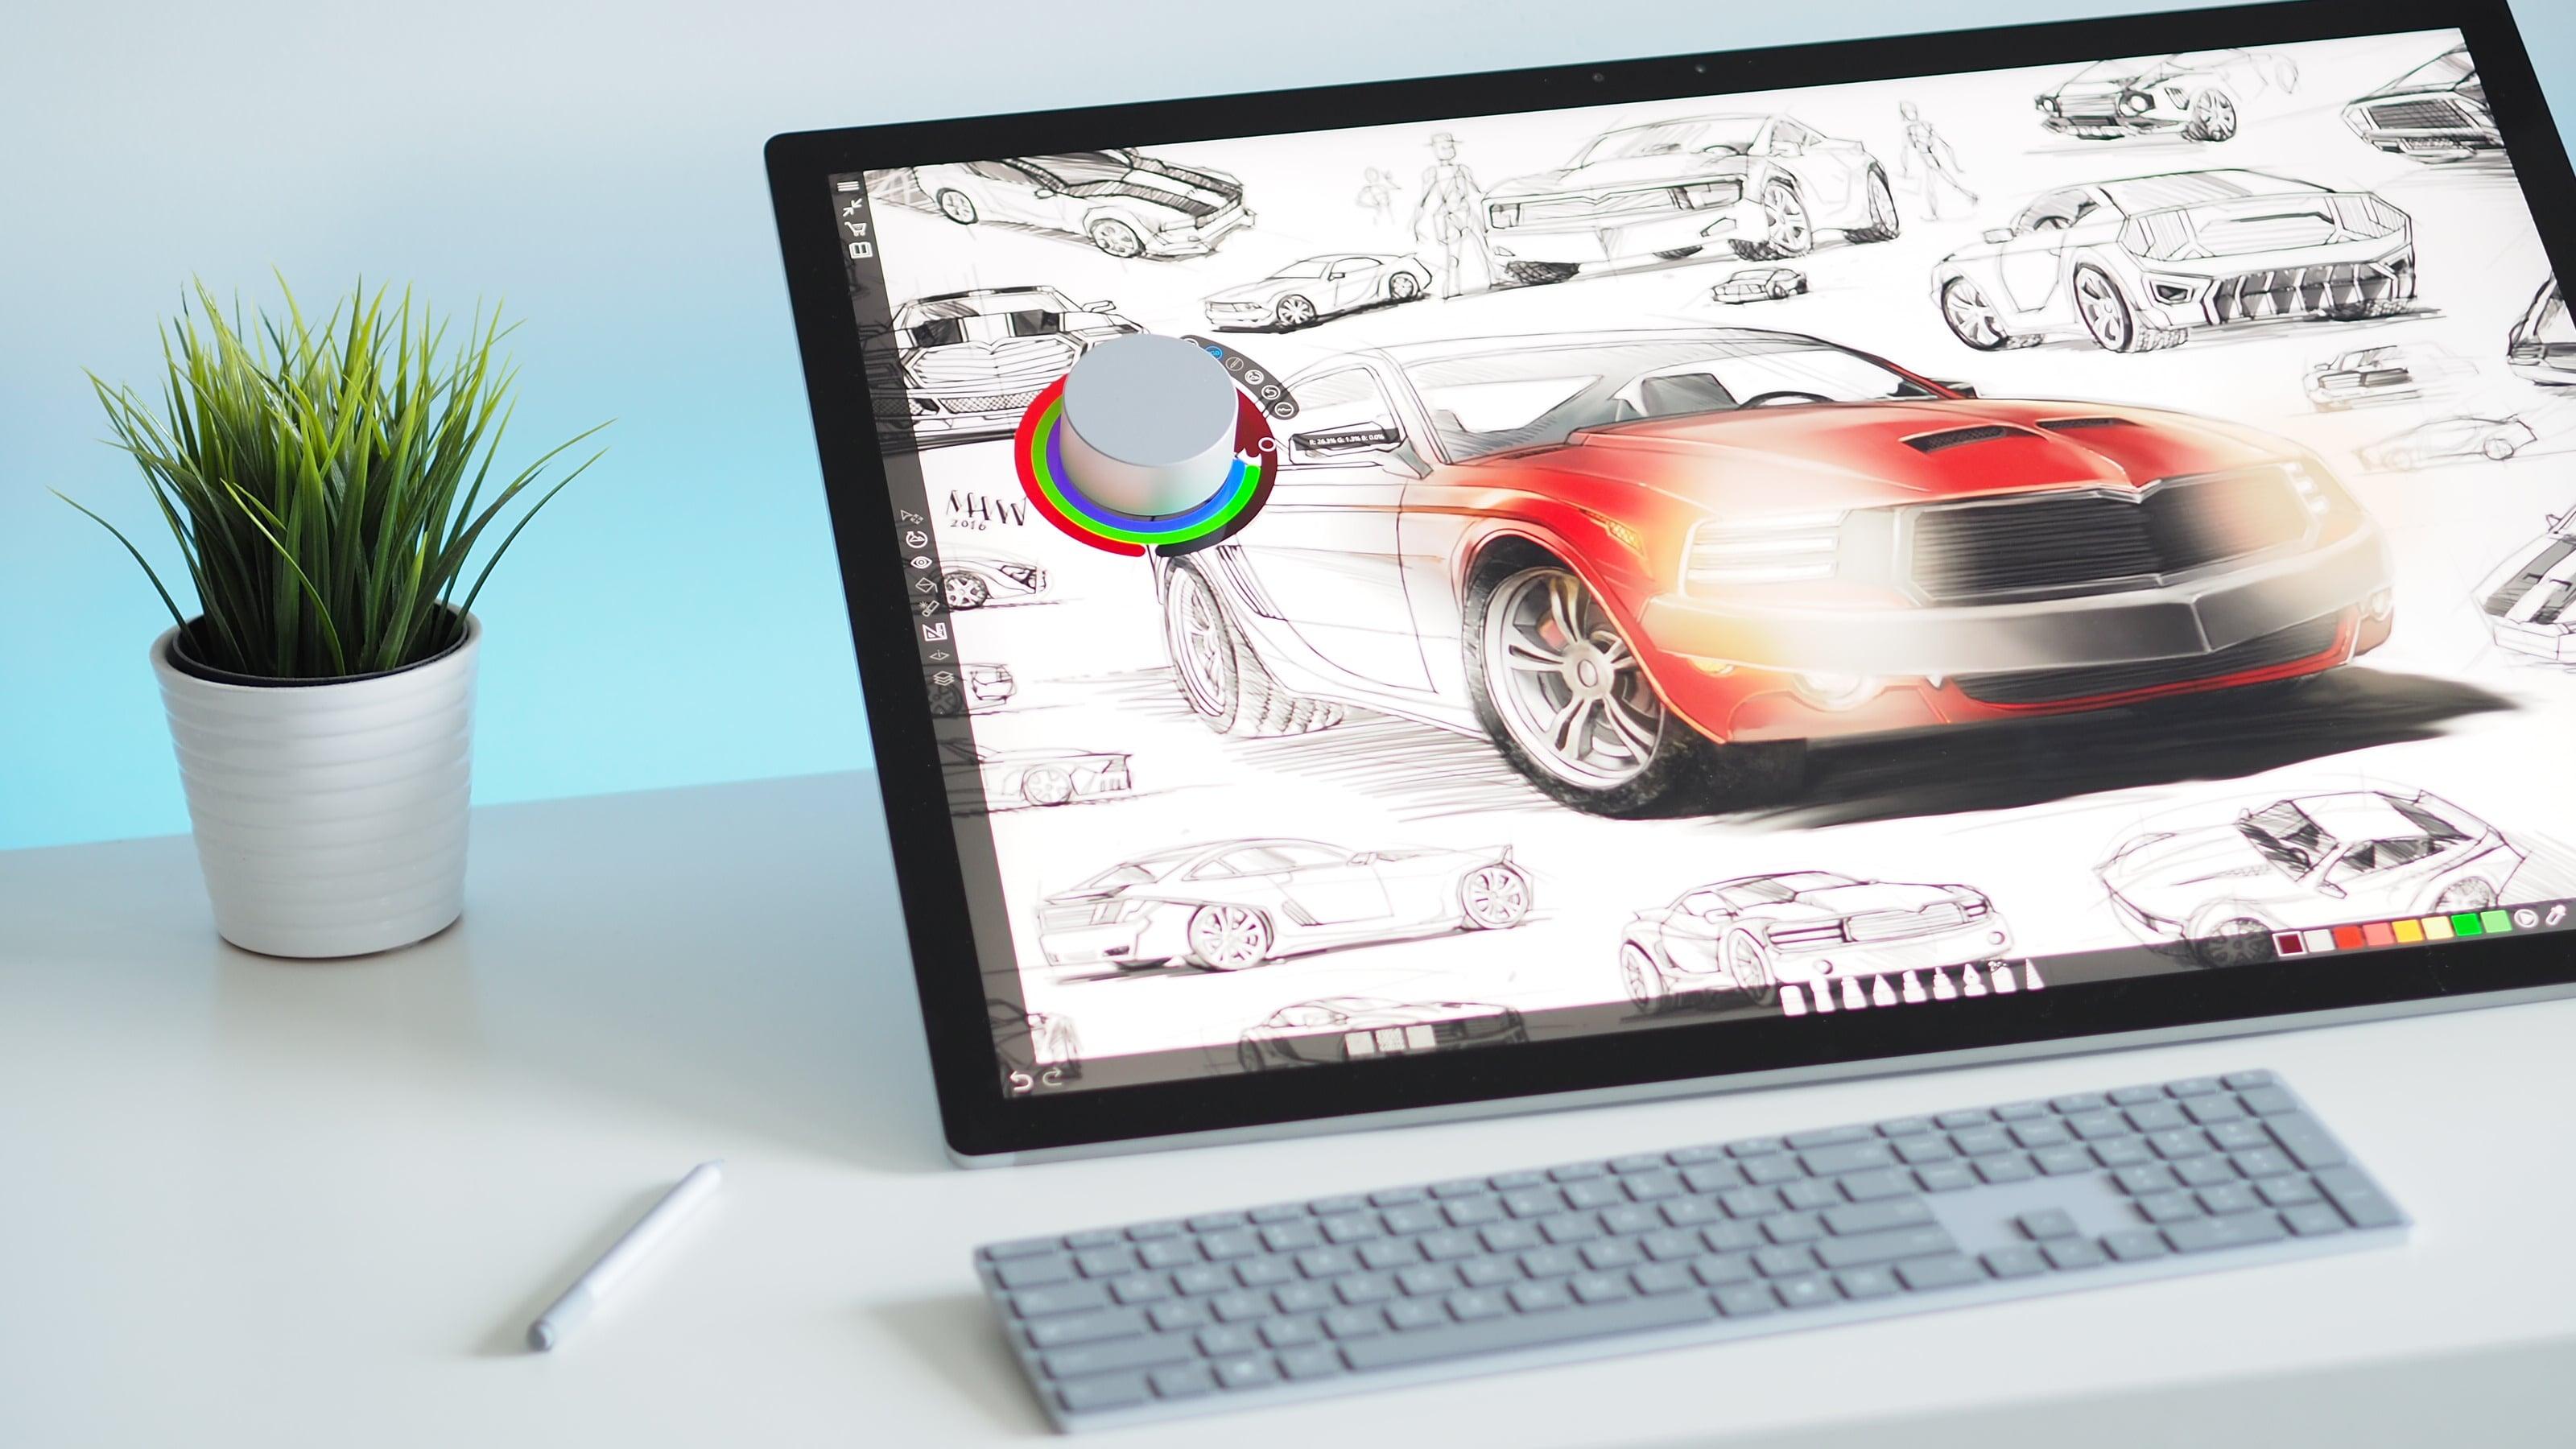 Spędziłem trzy dni z Microsoft Surface Studio 2. Ten sprzęt jest świetny! 23